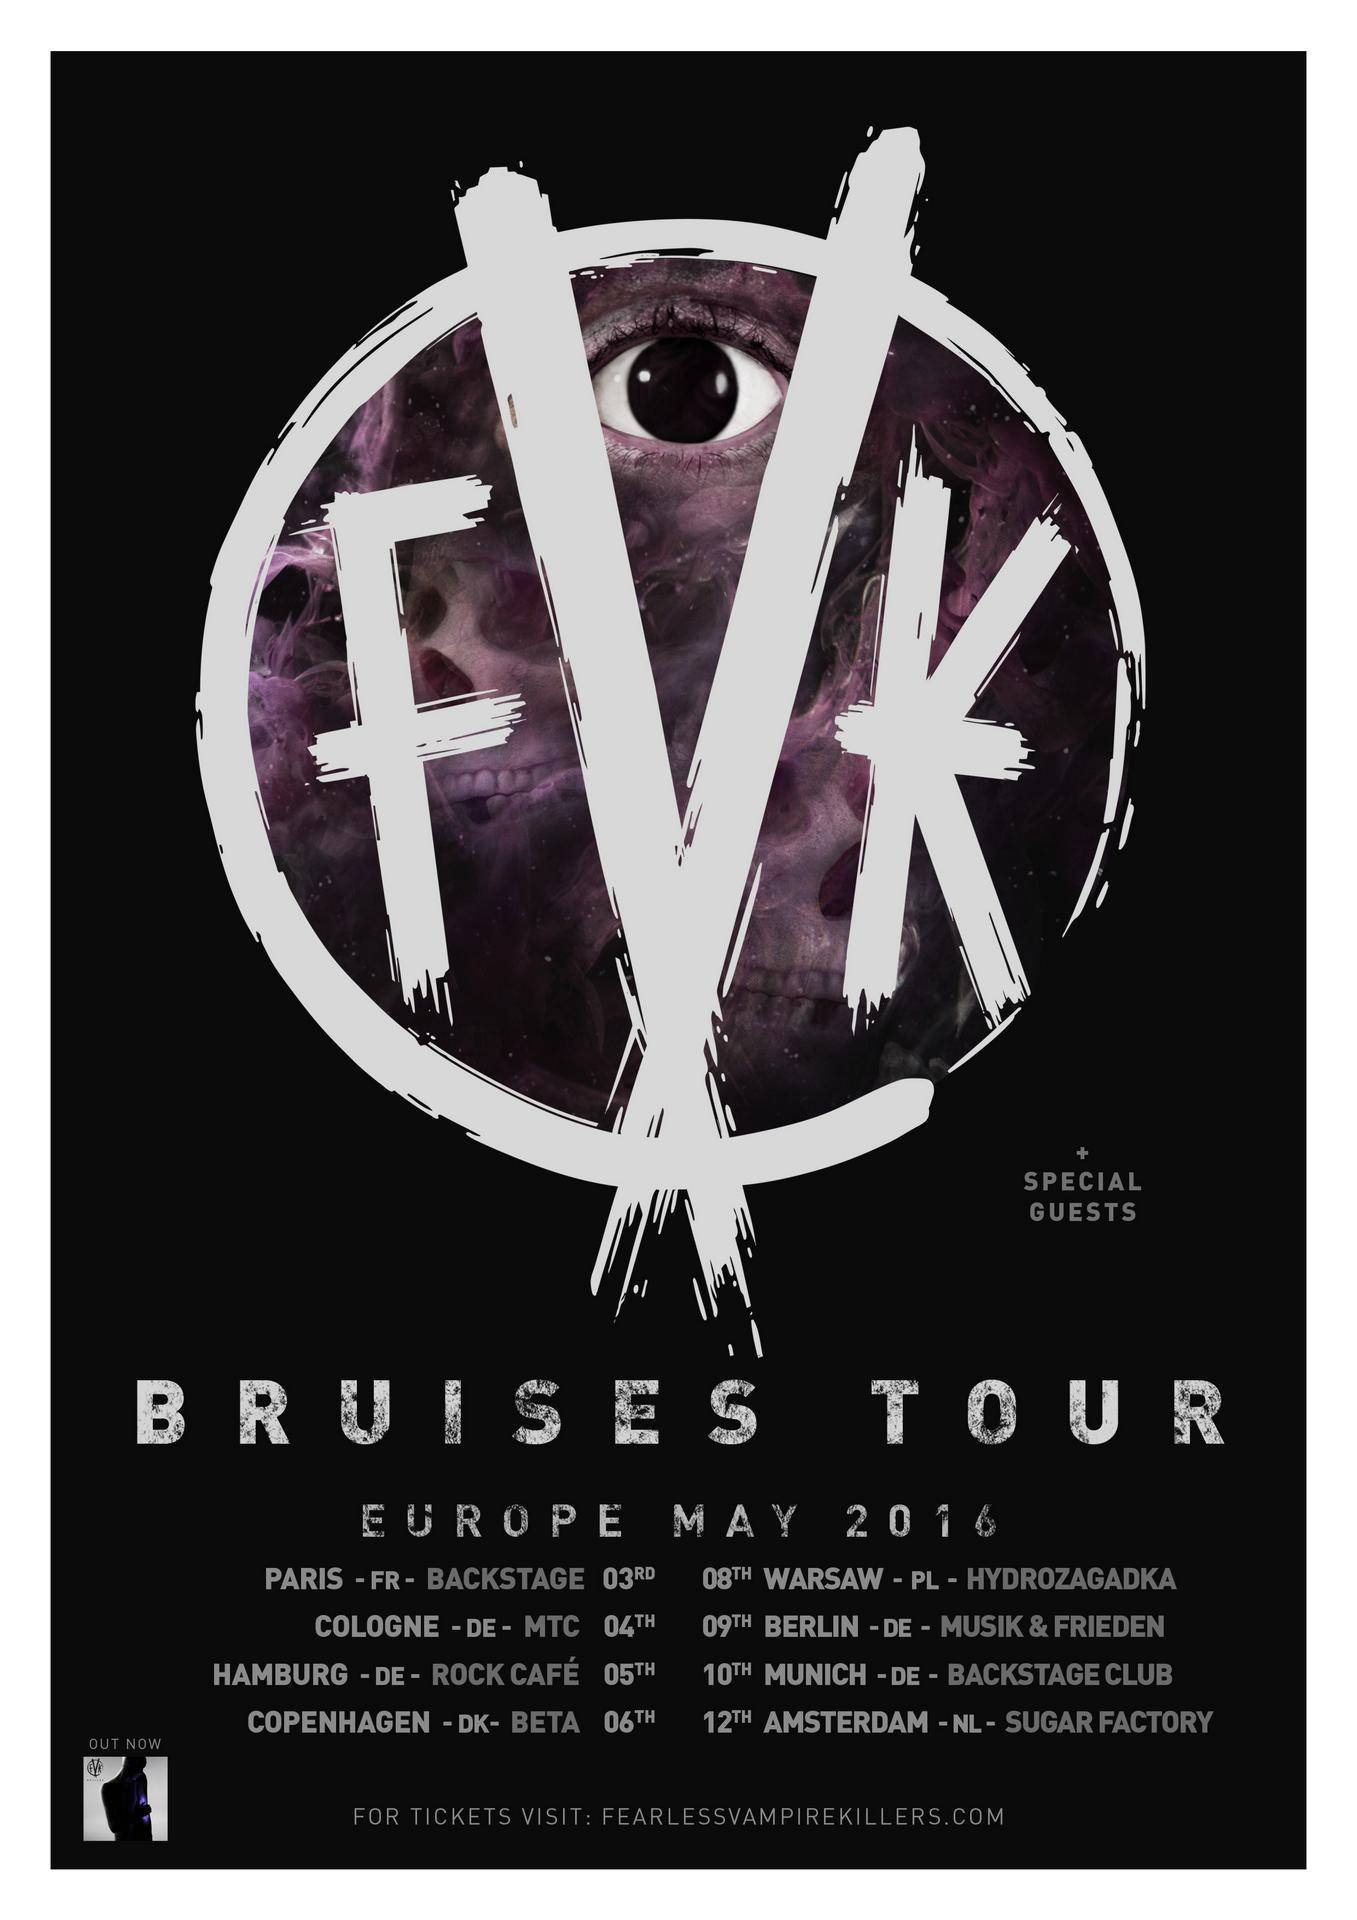 FVK Bruises EU tour poster